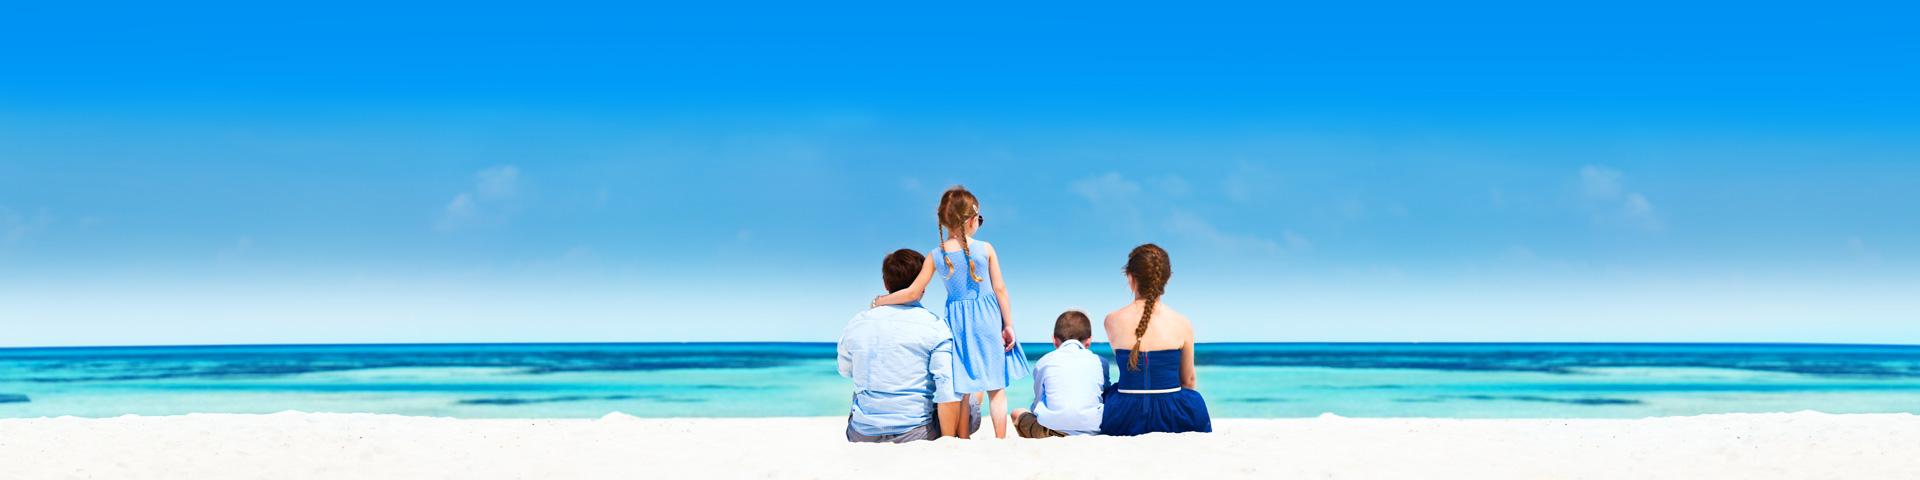 Een gezin op familievakantie met uitzicht op de zee